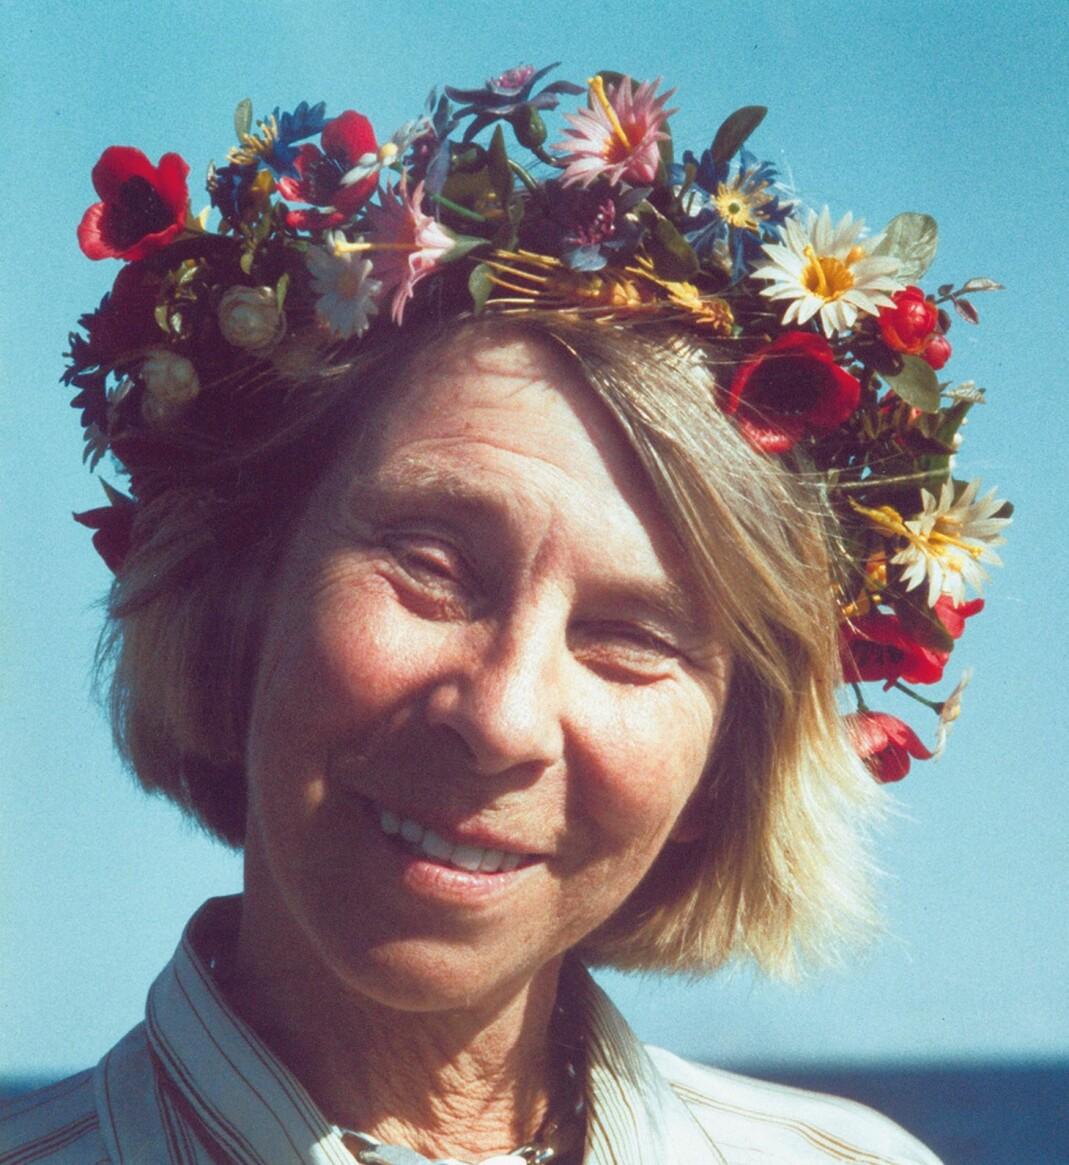 Multikunstneren Tove Jansson var totalt uinteressert i mat, det gikk mest i kaffe og sigaretter. Hun fikk lunge- og brystkreft – og etter et slag ble hun liggende et år på sykehus før hun døde 87 år gammel.